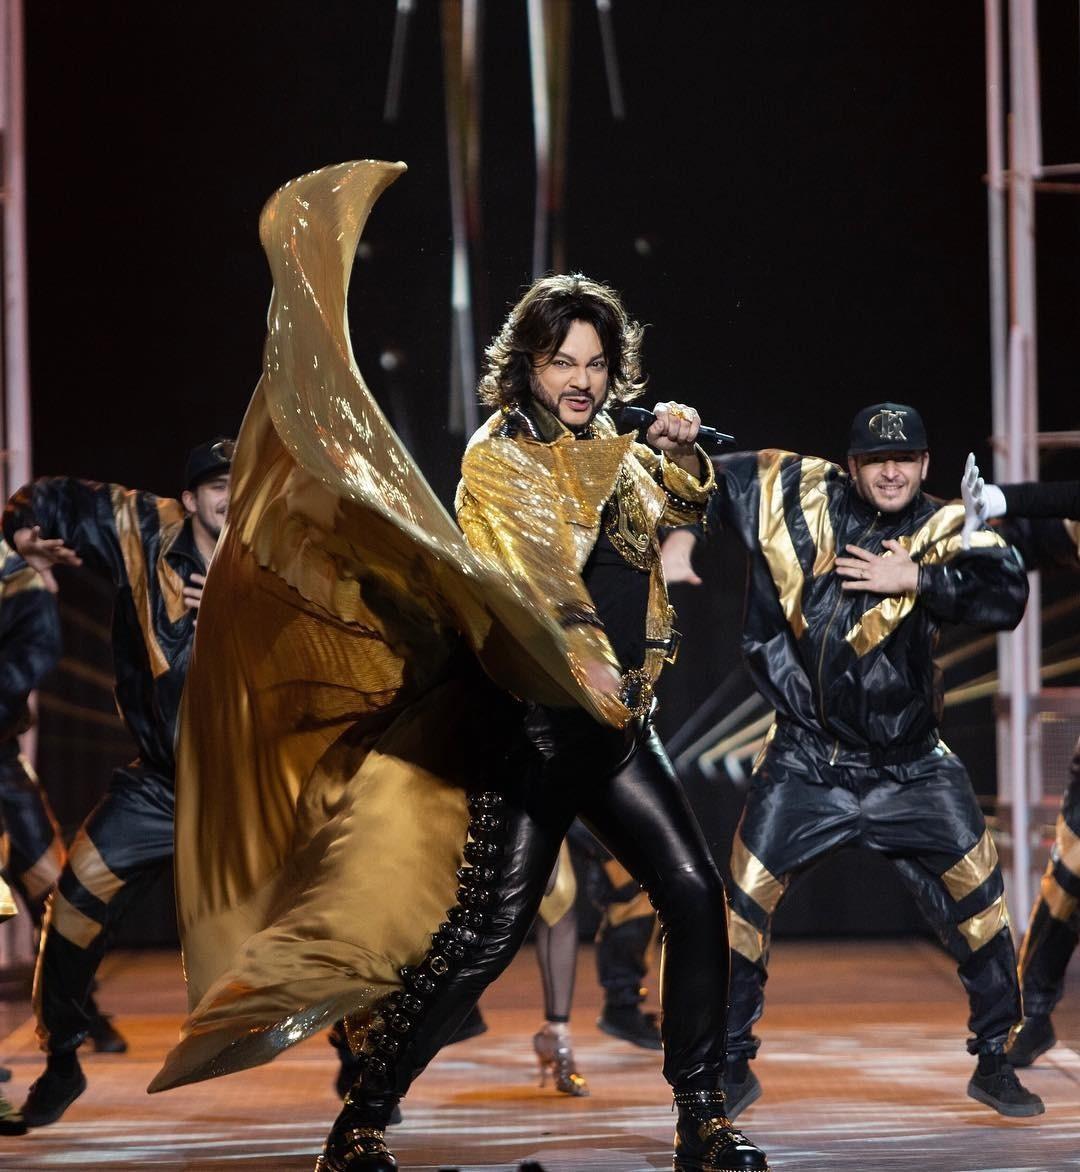 Феномен гардероба Филиппа Киркорова: что носит король эстрады